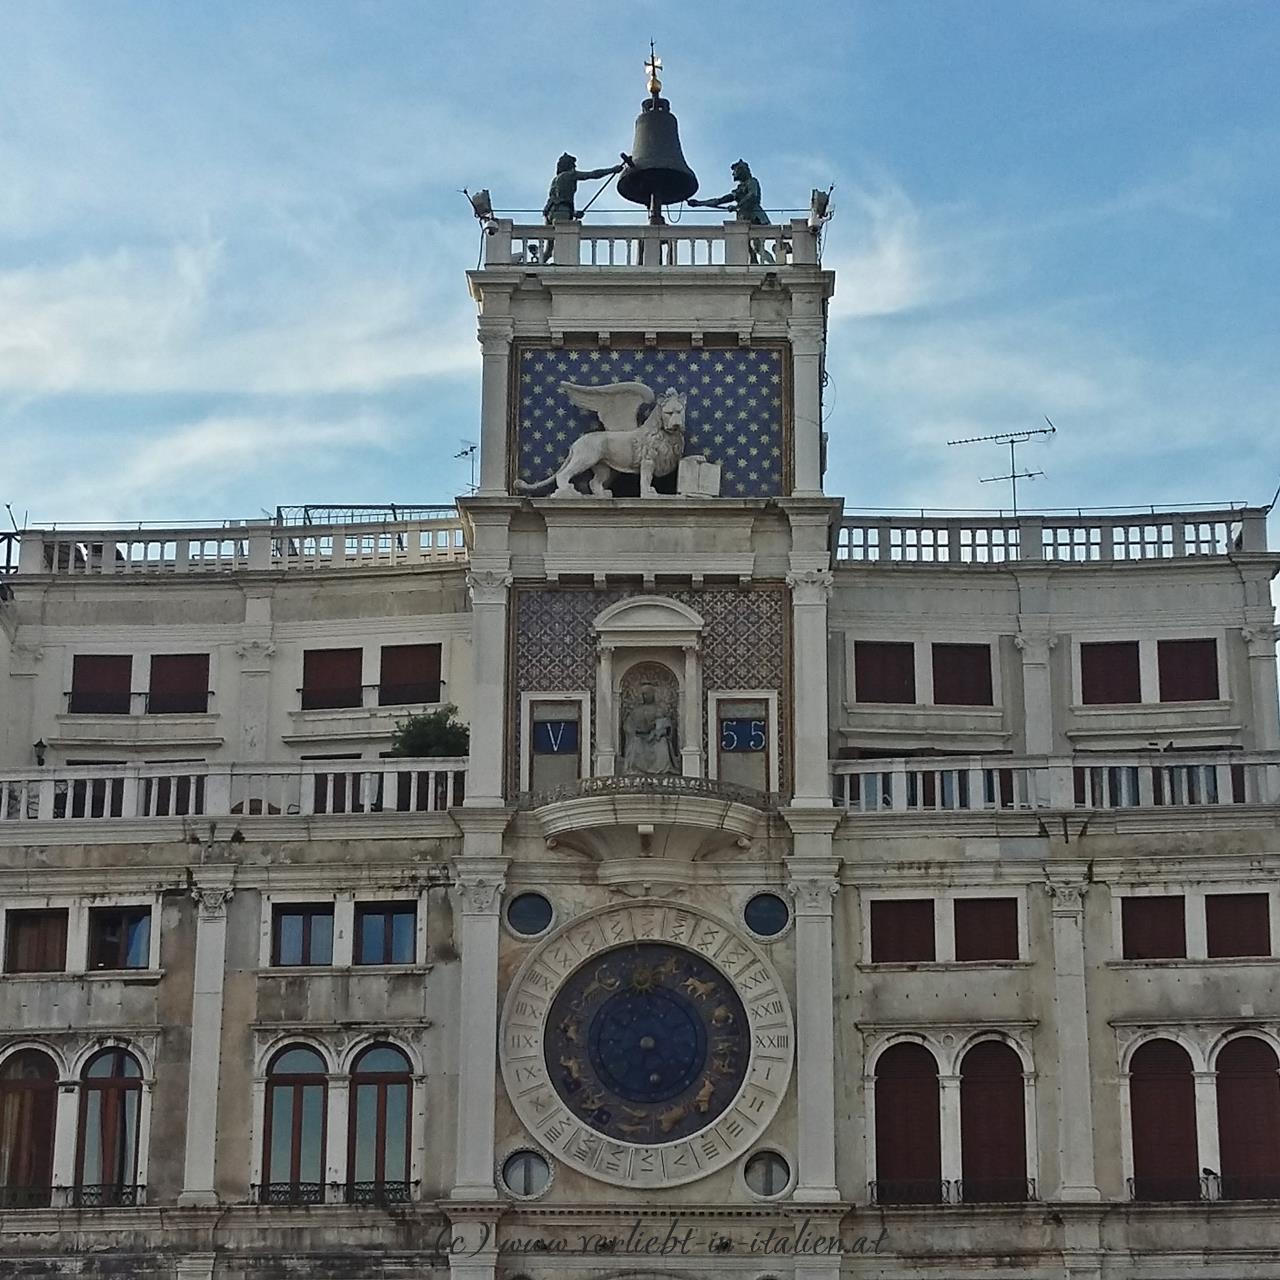 San Marco Uhrturm